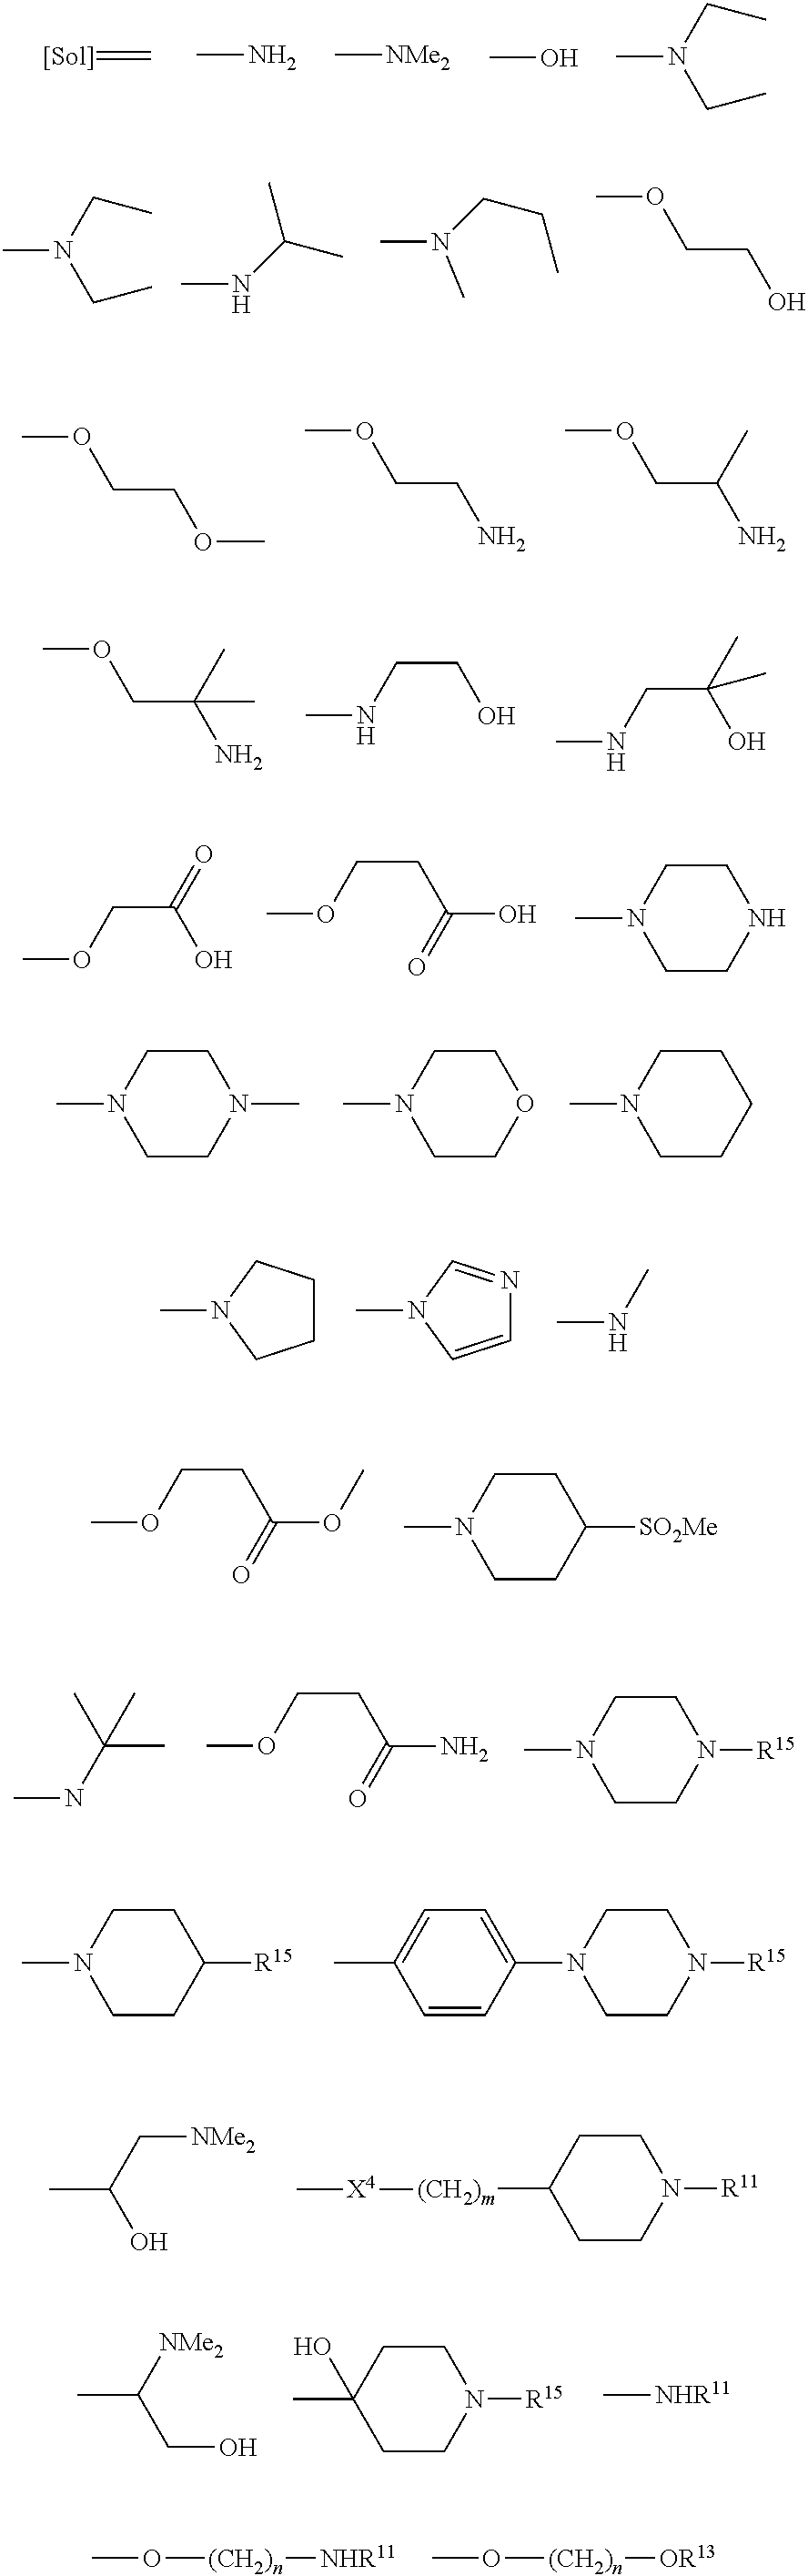 Figure US08383619-20130226-C00008